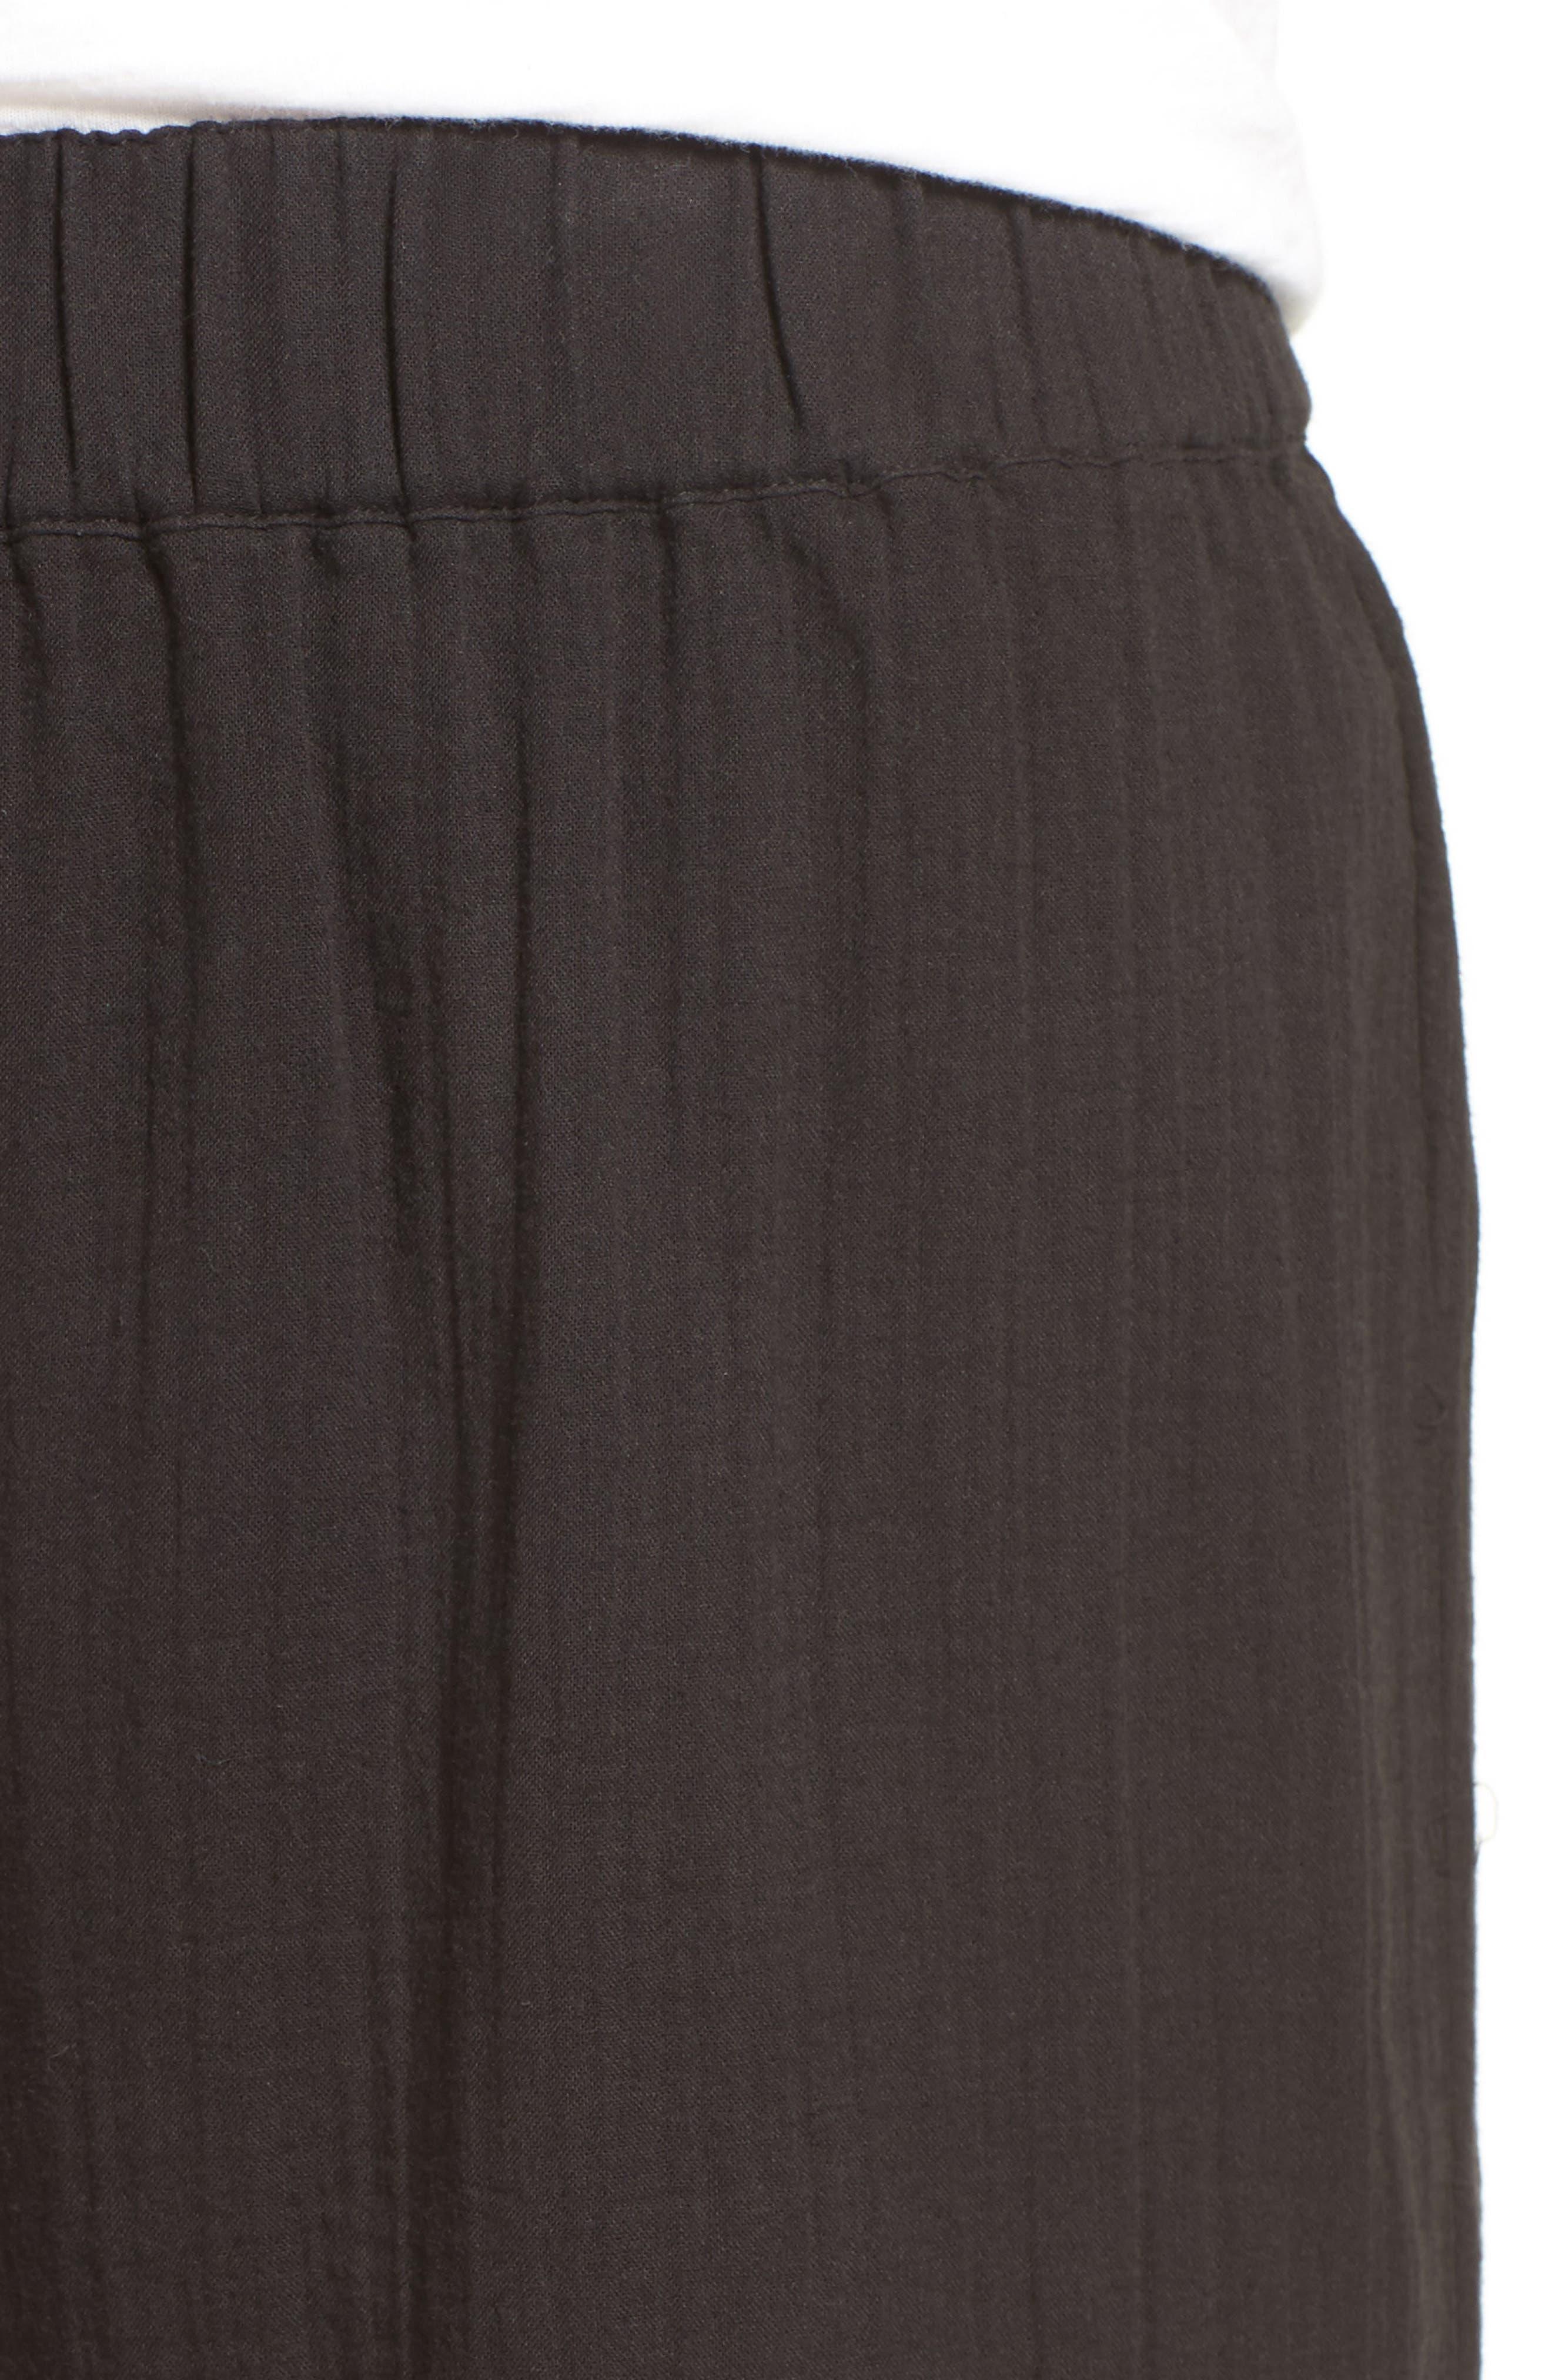 Organic Cotton Crop Pants,                             Alternate thumbnail 4, color,                             001